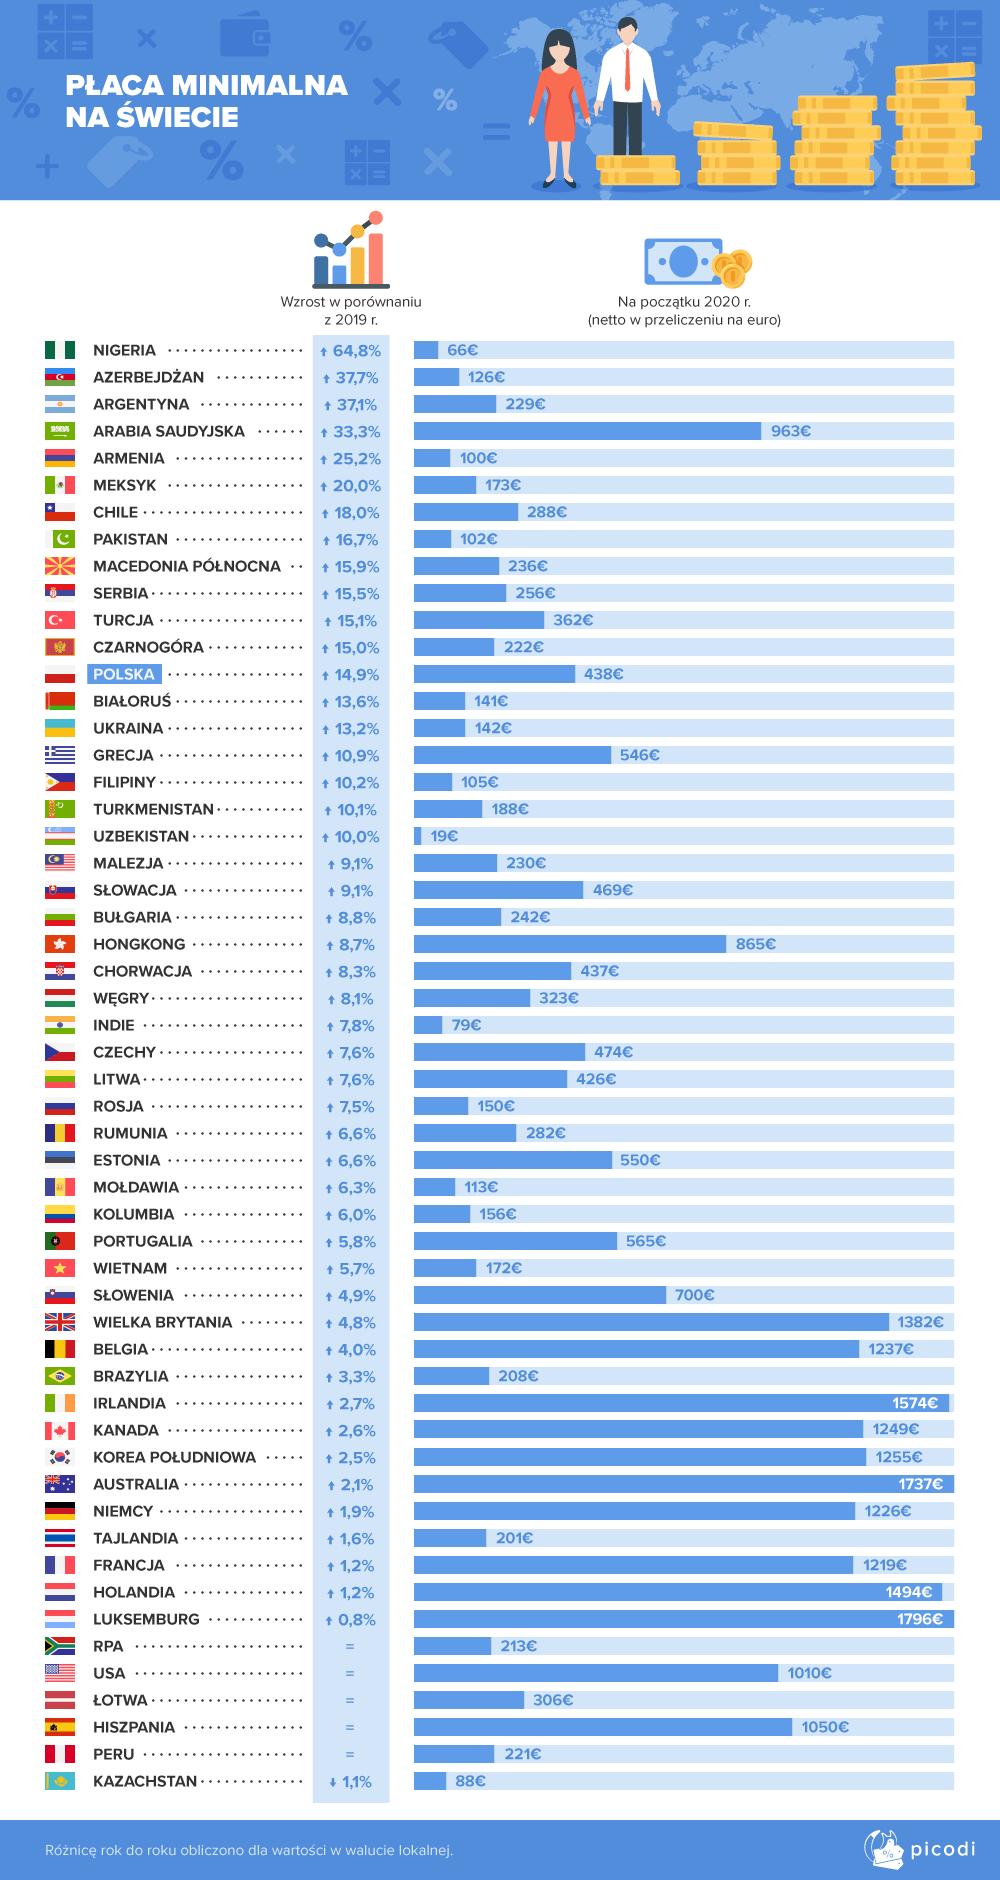 Minimalne wynagrodzenie na świecie